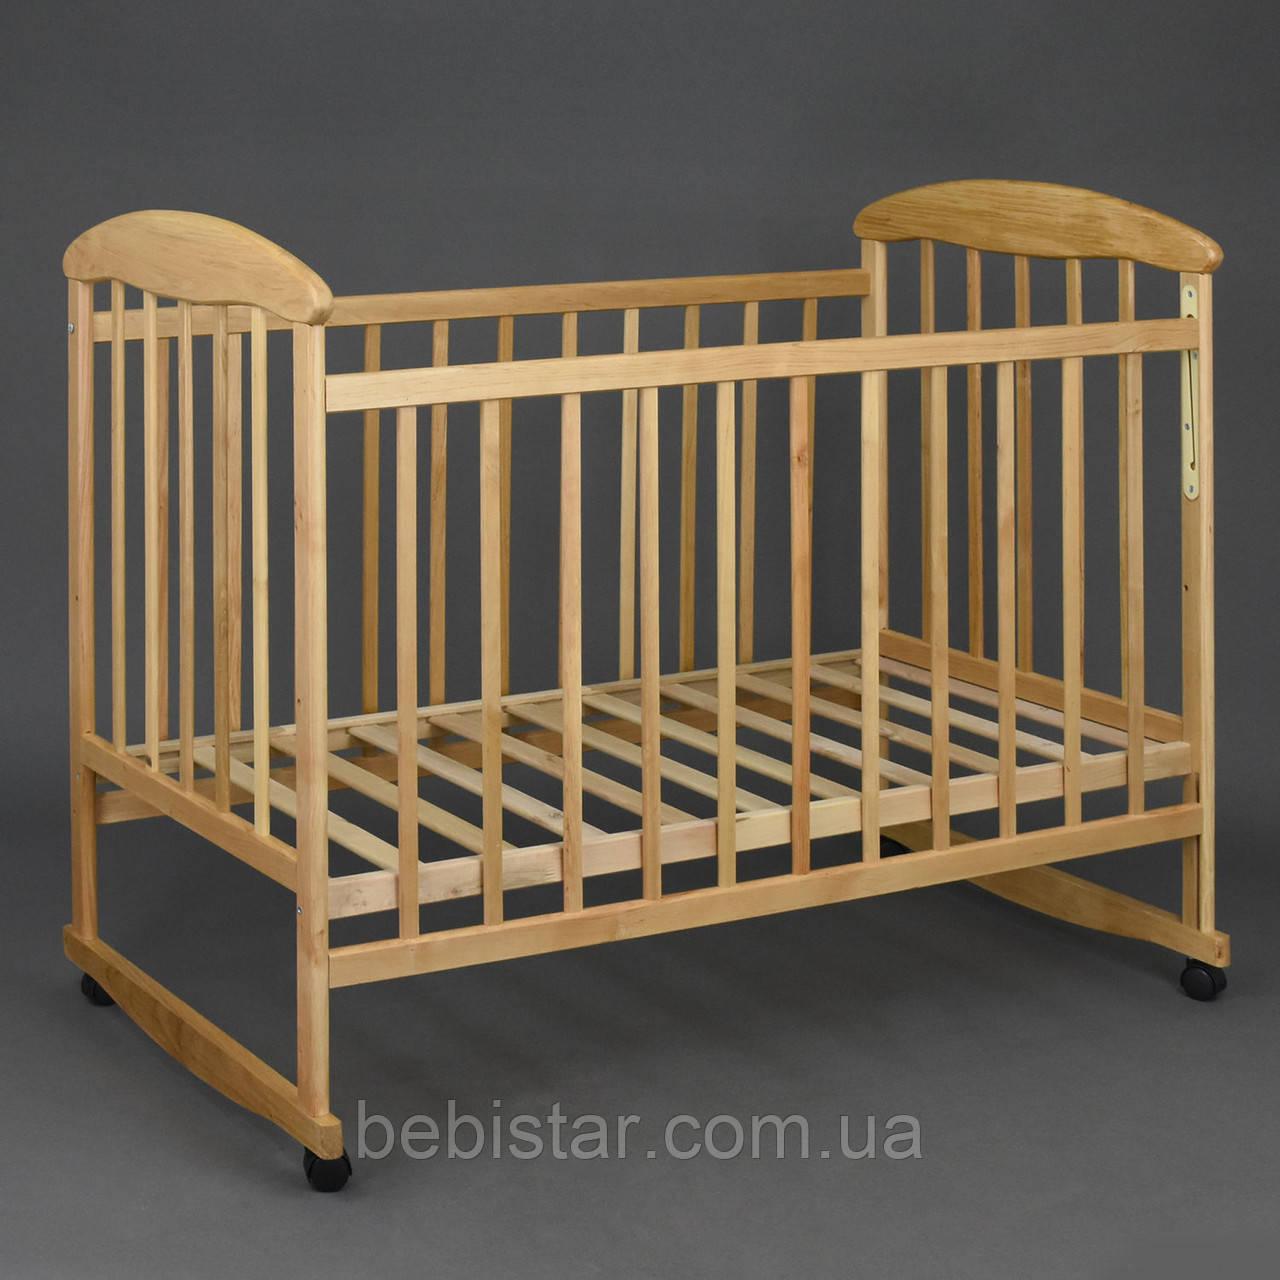 Деревянная детская кроватка с качалкой на колесах деревянные ламели Ольха Светлая